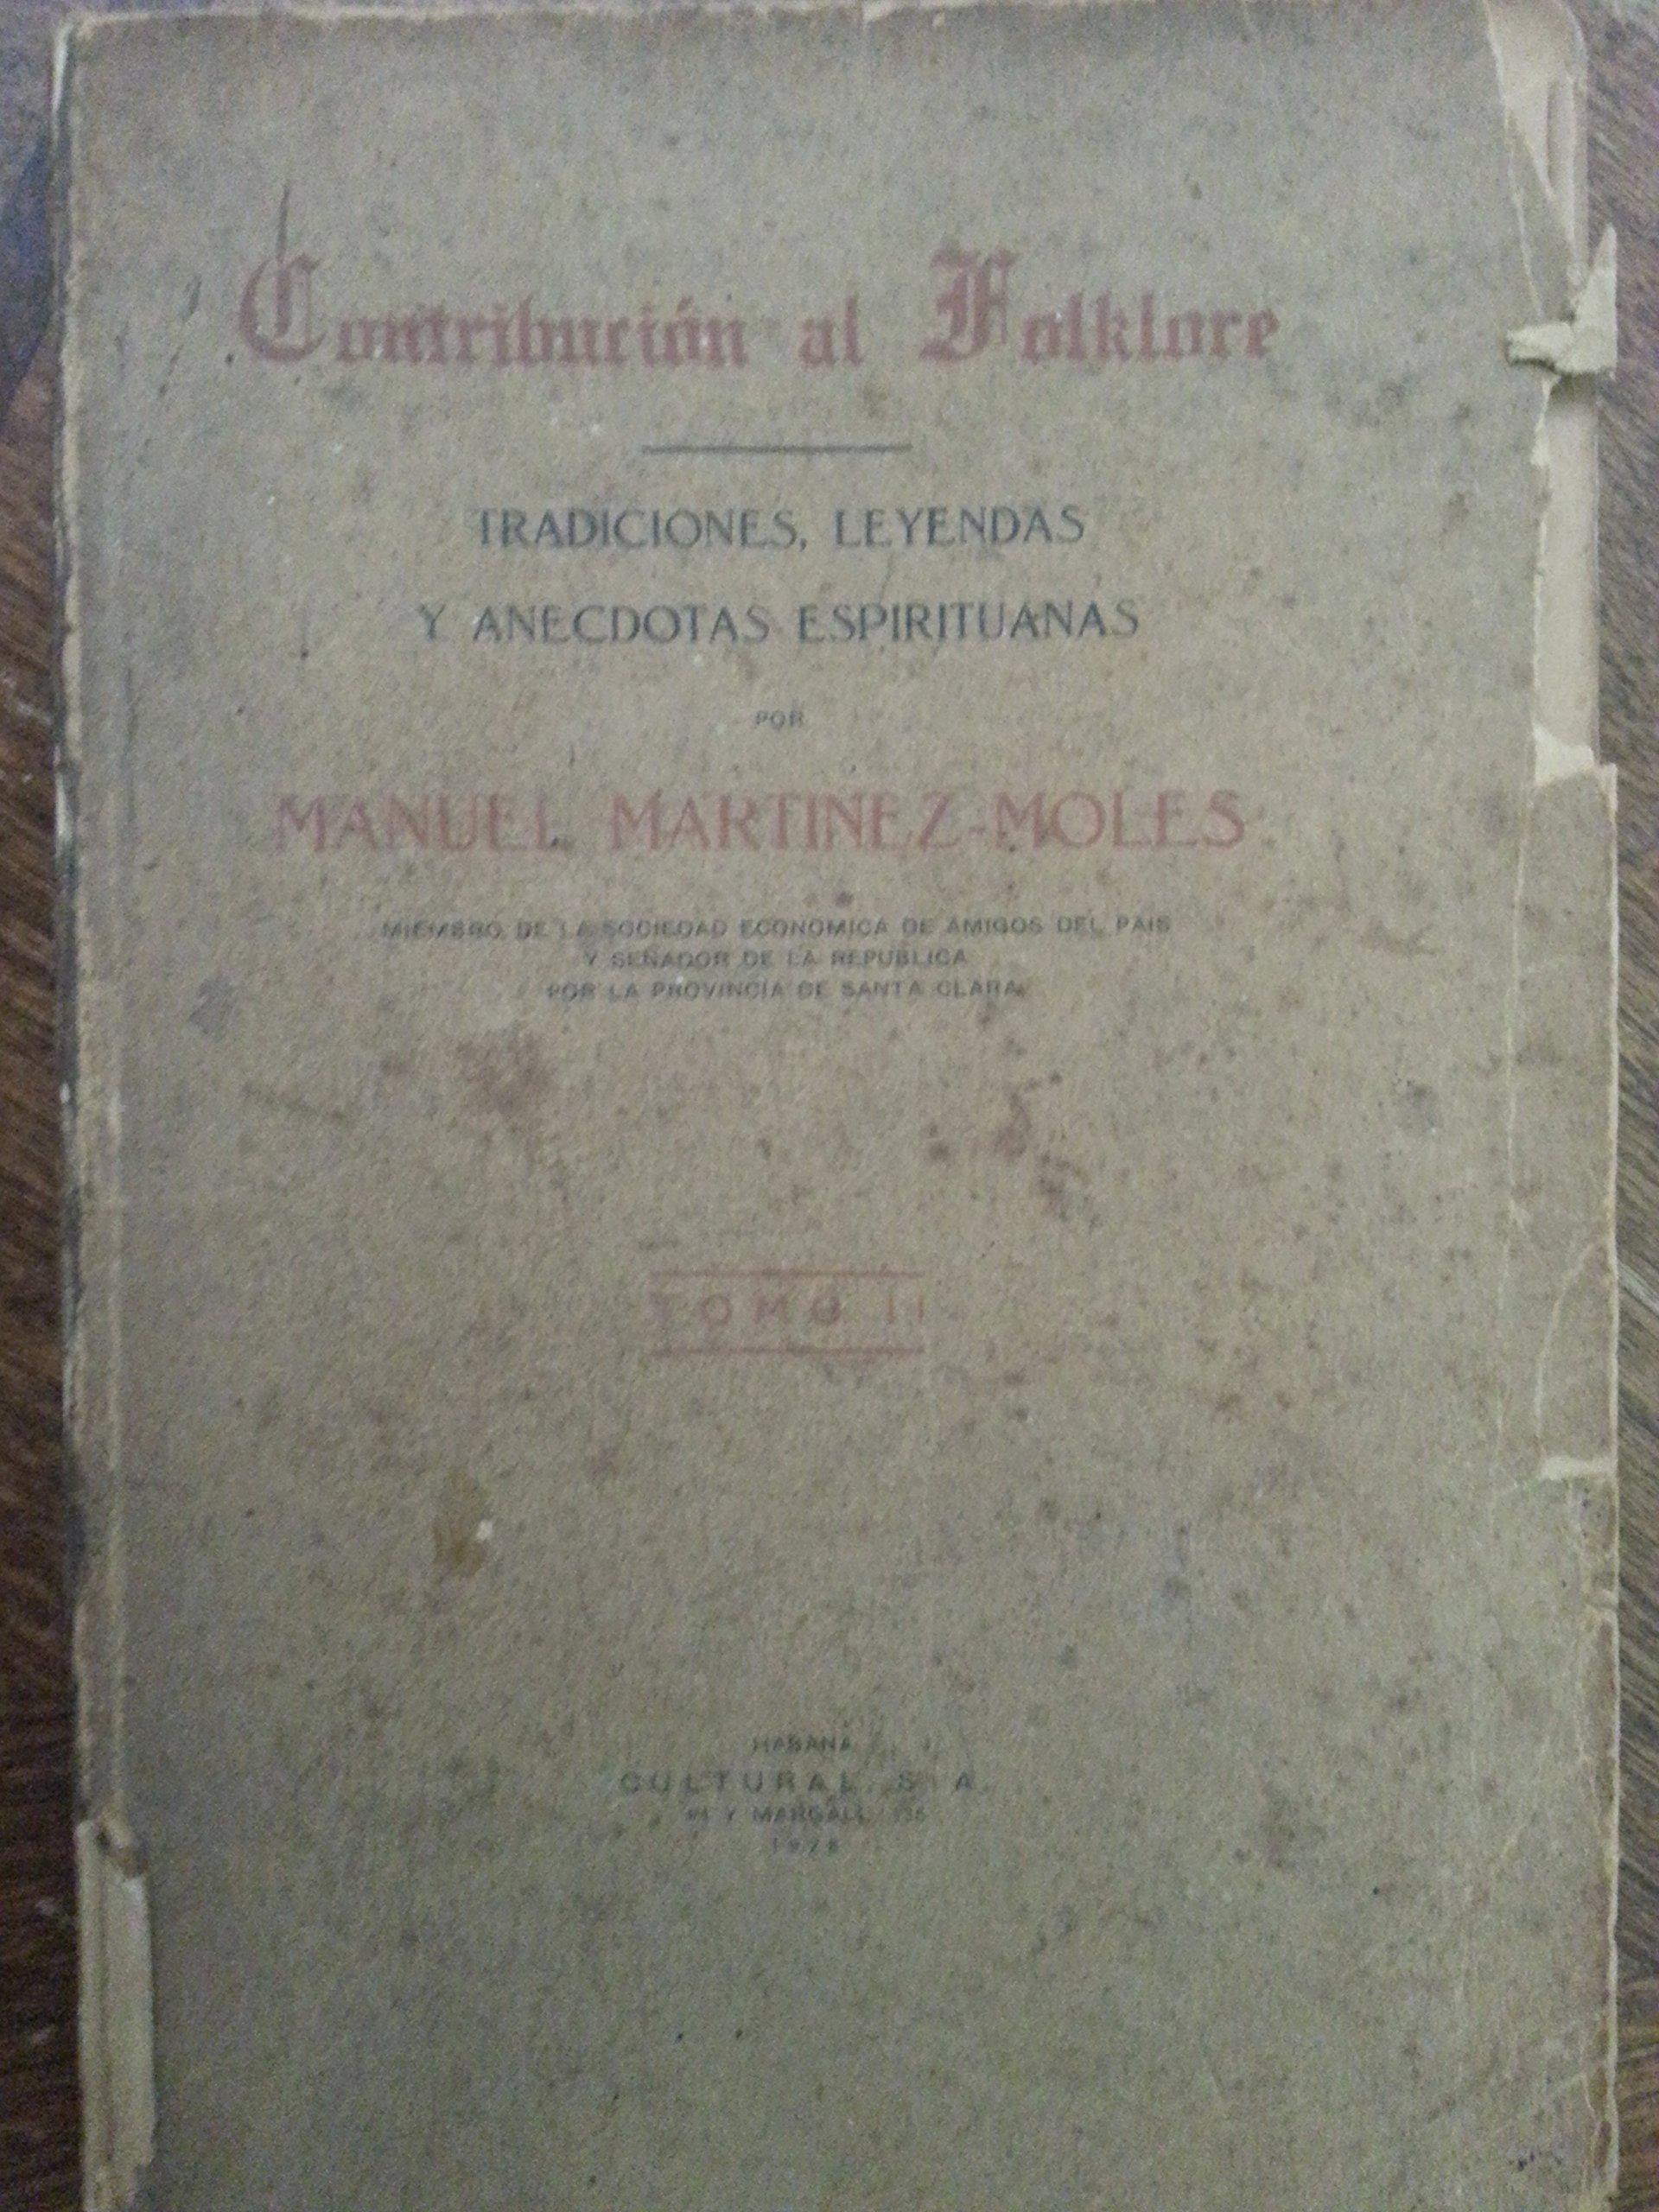 Contribucion al folklore.tradiciones, leyendas y anecdotas espirituanas.vol 1.[sancti spiritus, cuba], 1927.signed.: manuel martinez moles: Amazon.com: ...